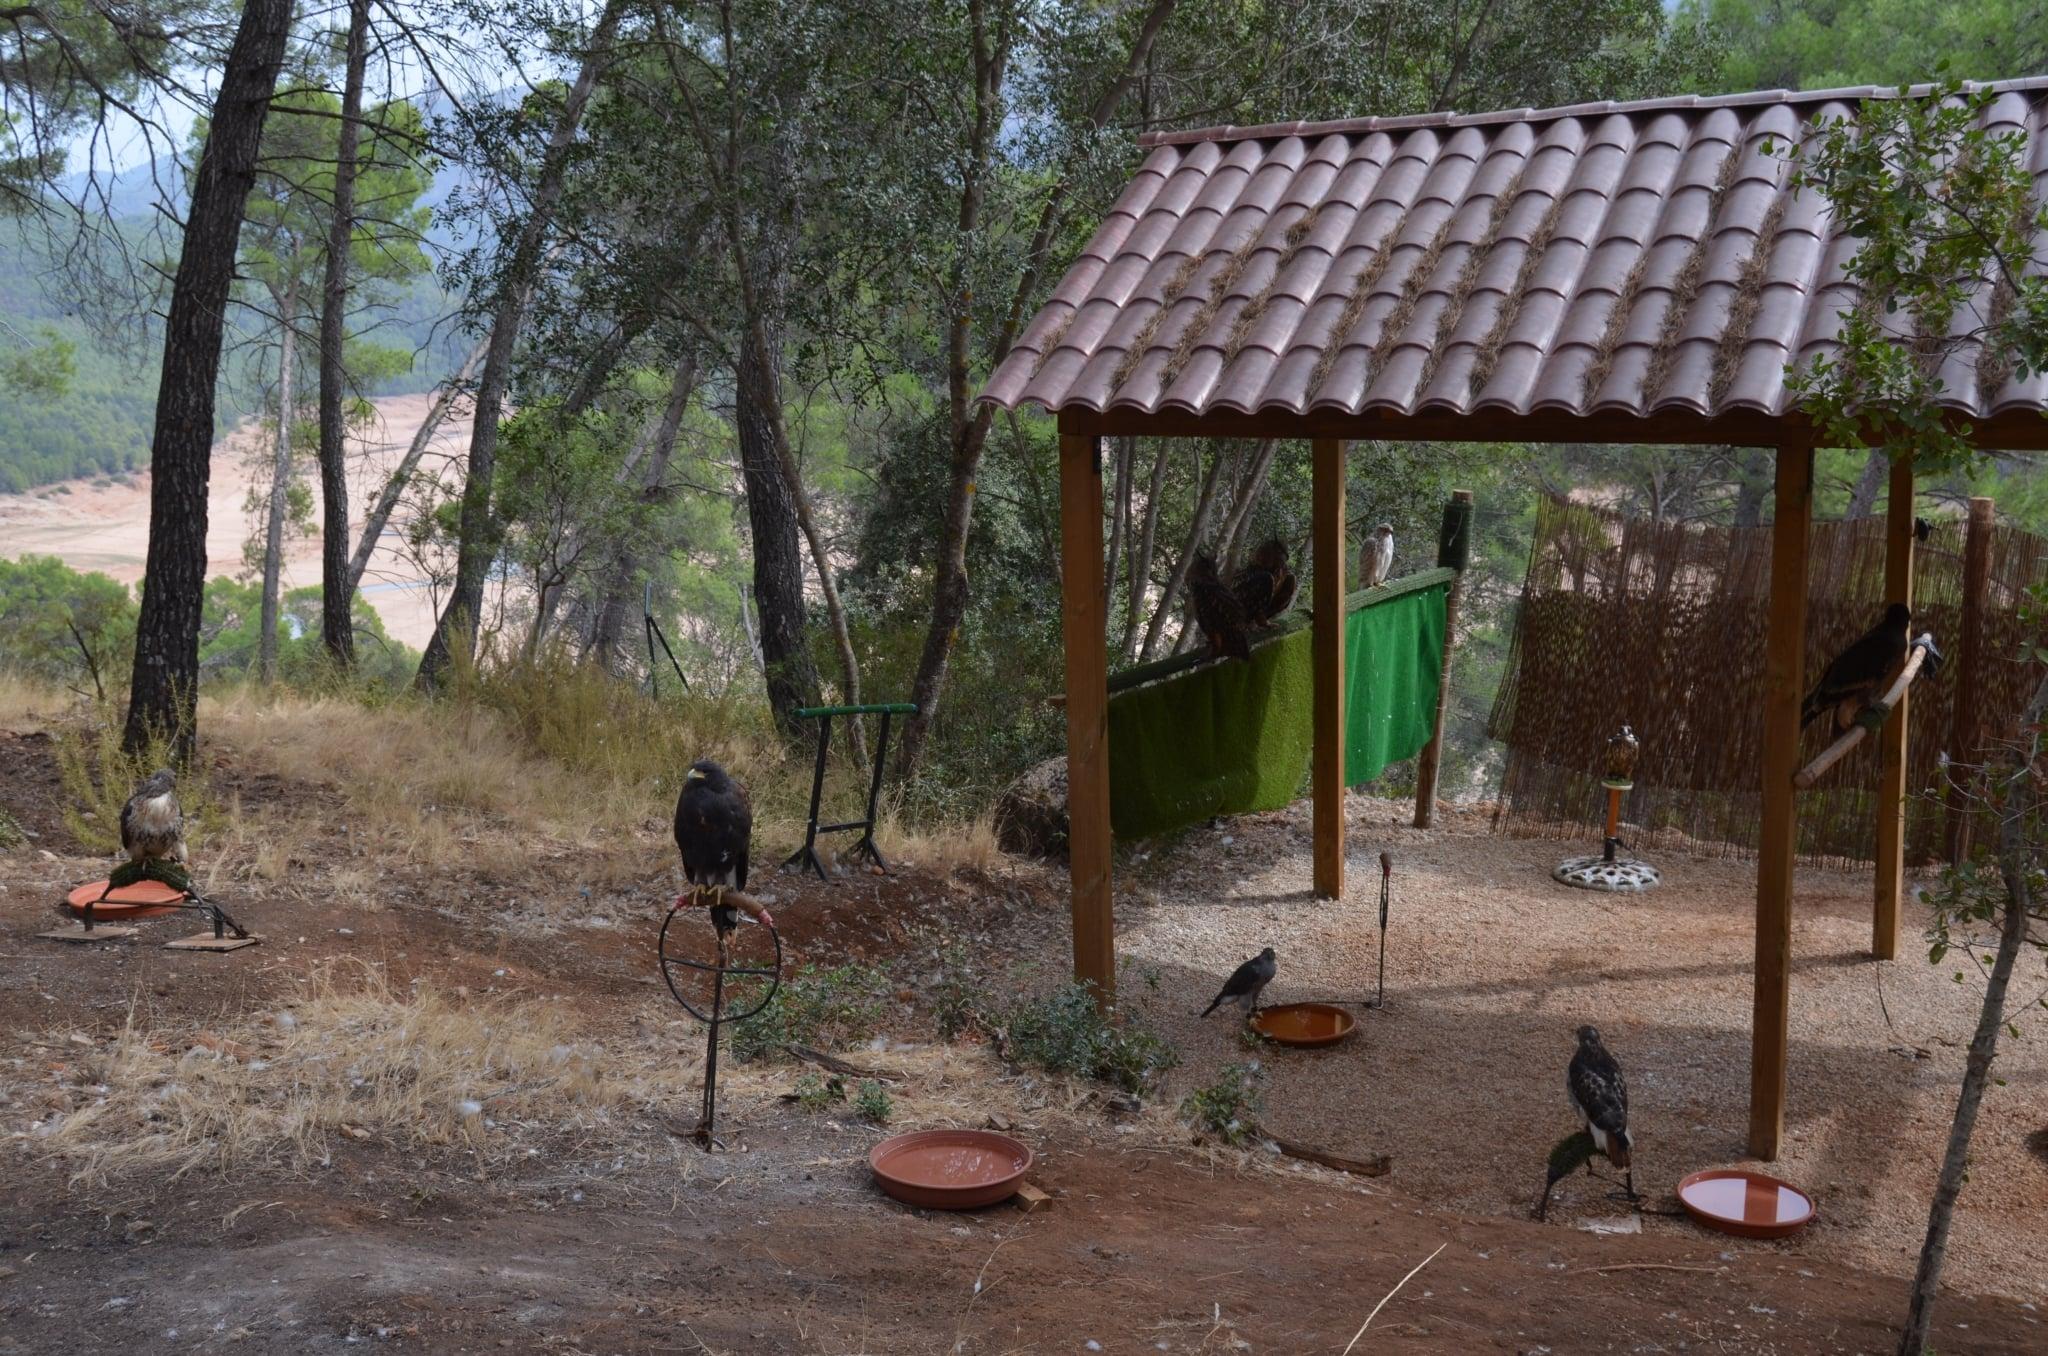 exposición y observación de aves rapaces.